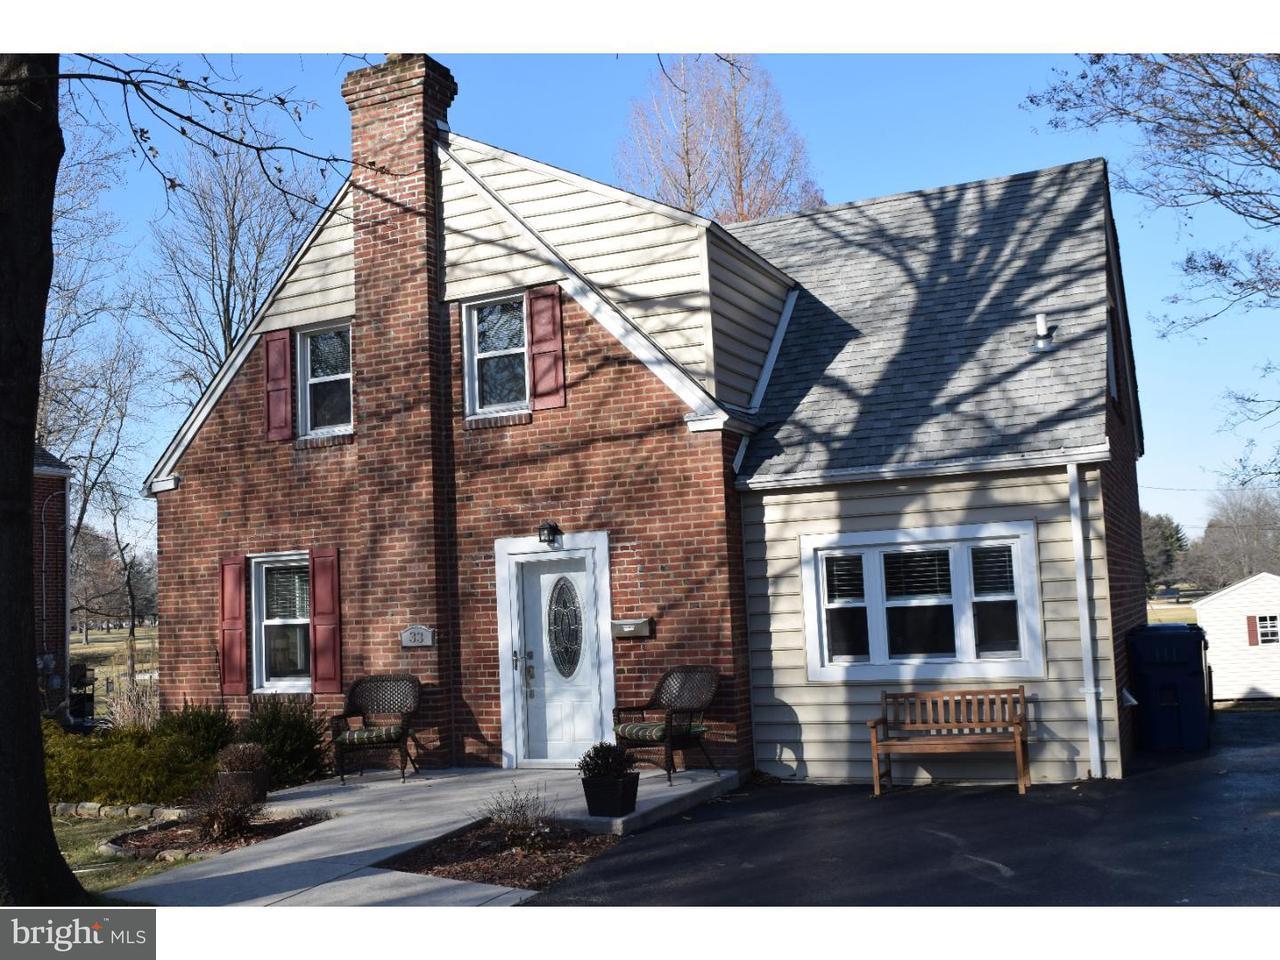 Частный односемейный дом для того Аренда на 33 MEDBURY Lane Wallingford, Пенсильвания 19086 Соединенные Штаты